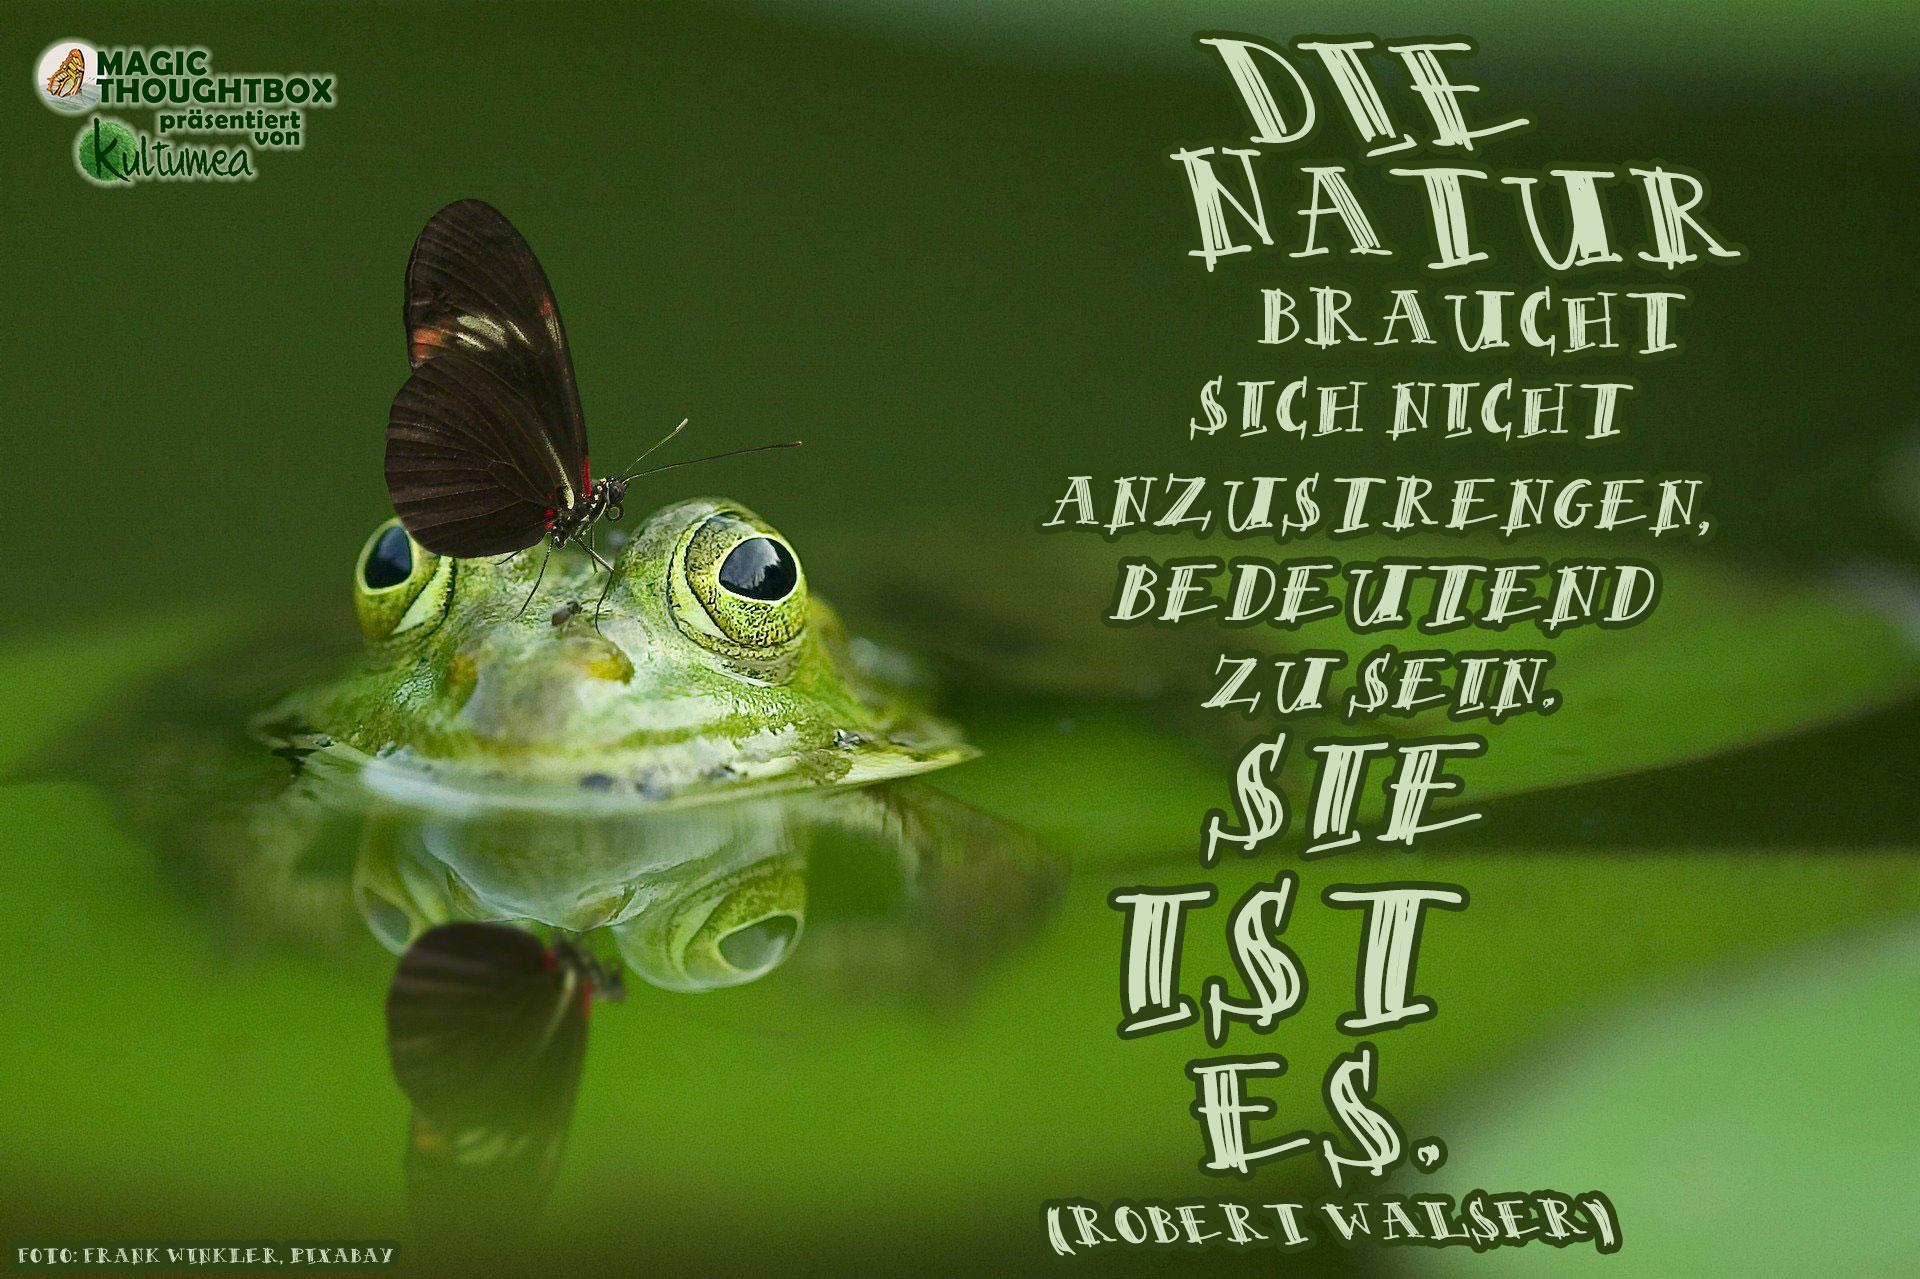 Die Natur braucht sich nicht anzustrengen, bedeutend zu sein. Sie ist es. (Robert Walser)